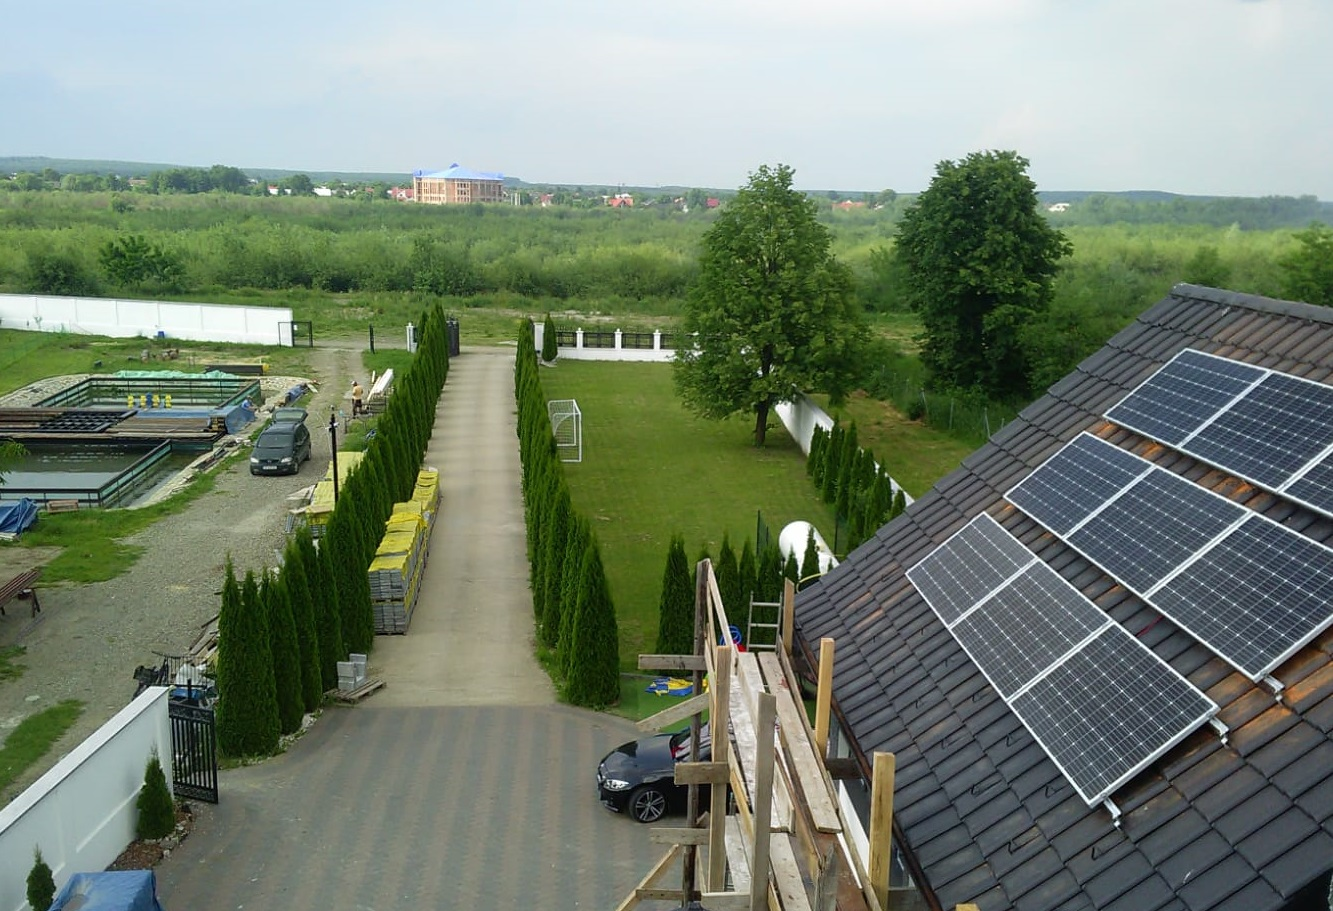 Proiecte inovatoare romanesti pentru promovarea energiei regenerabile. Casele solare castiga teren!